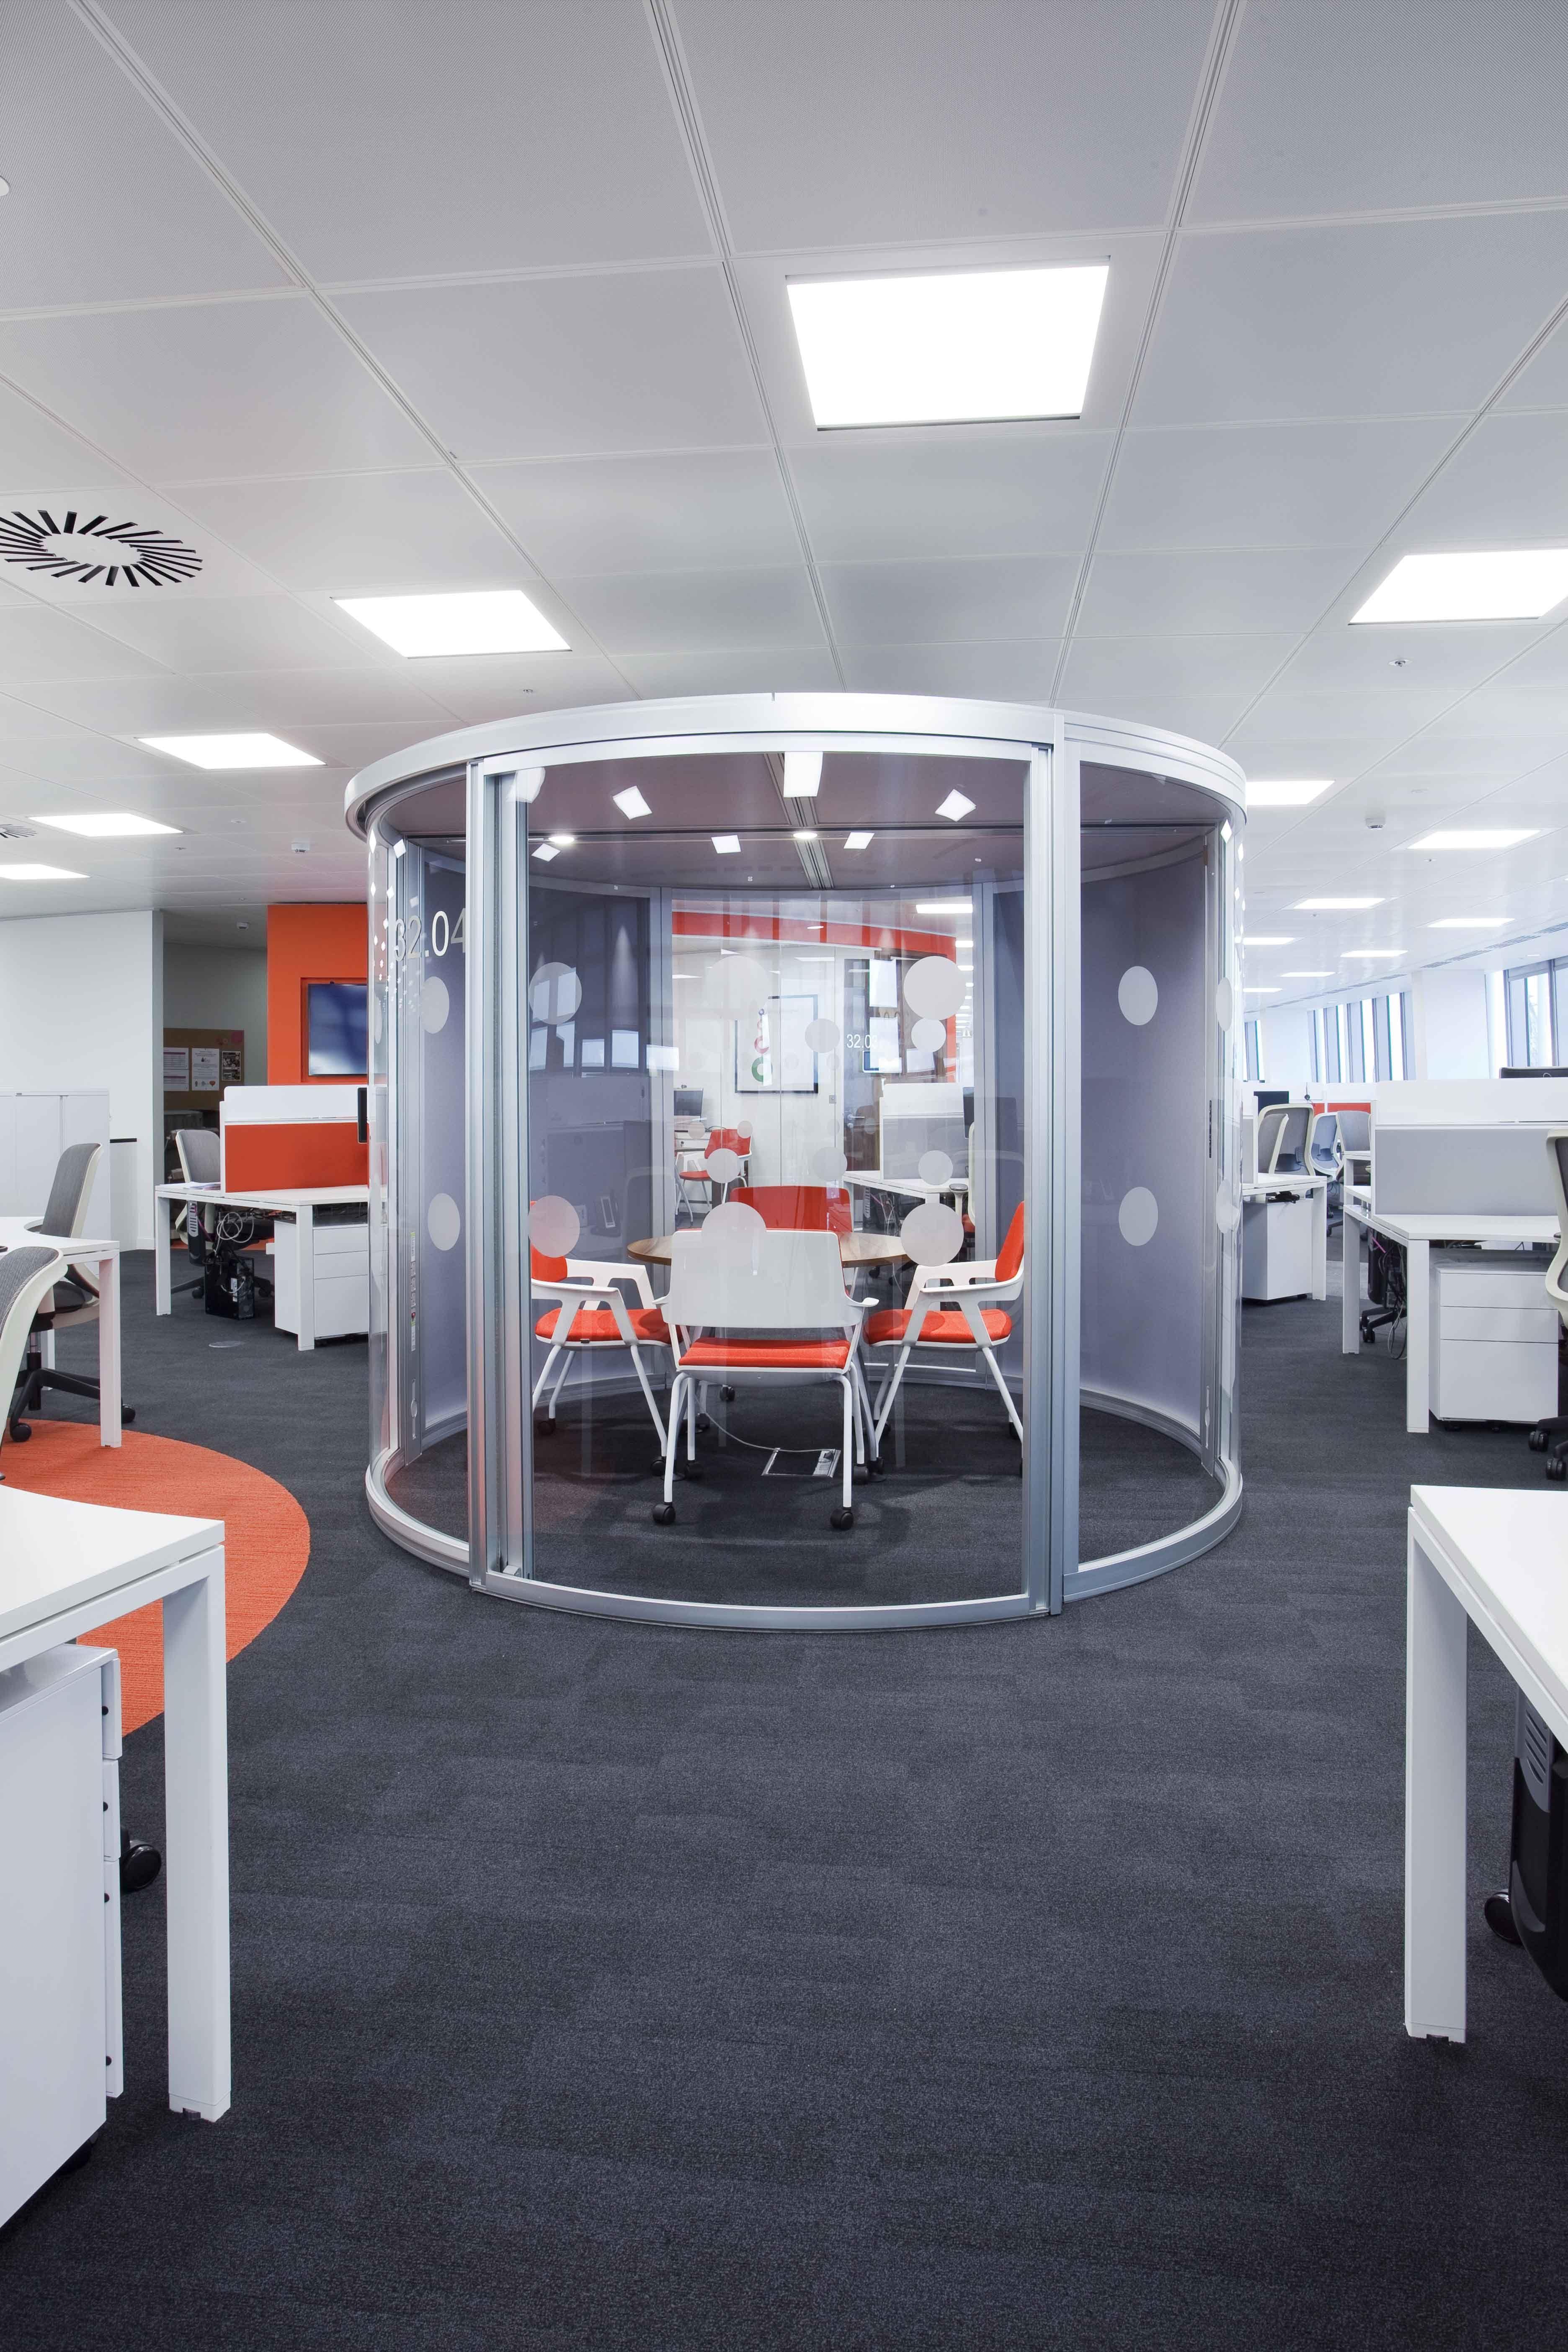 Best Kitchen Gallery: Informal Meeting Area Pod Interior Design Workspace Office of Interior Design Workspace  on rachelxblog.com